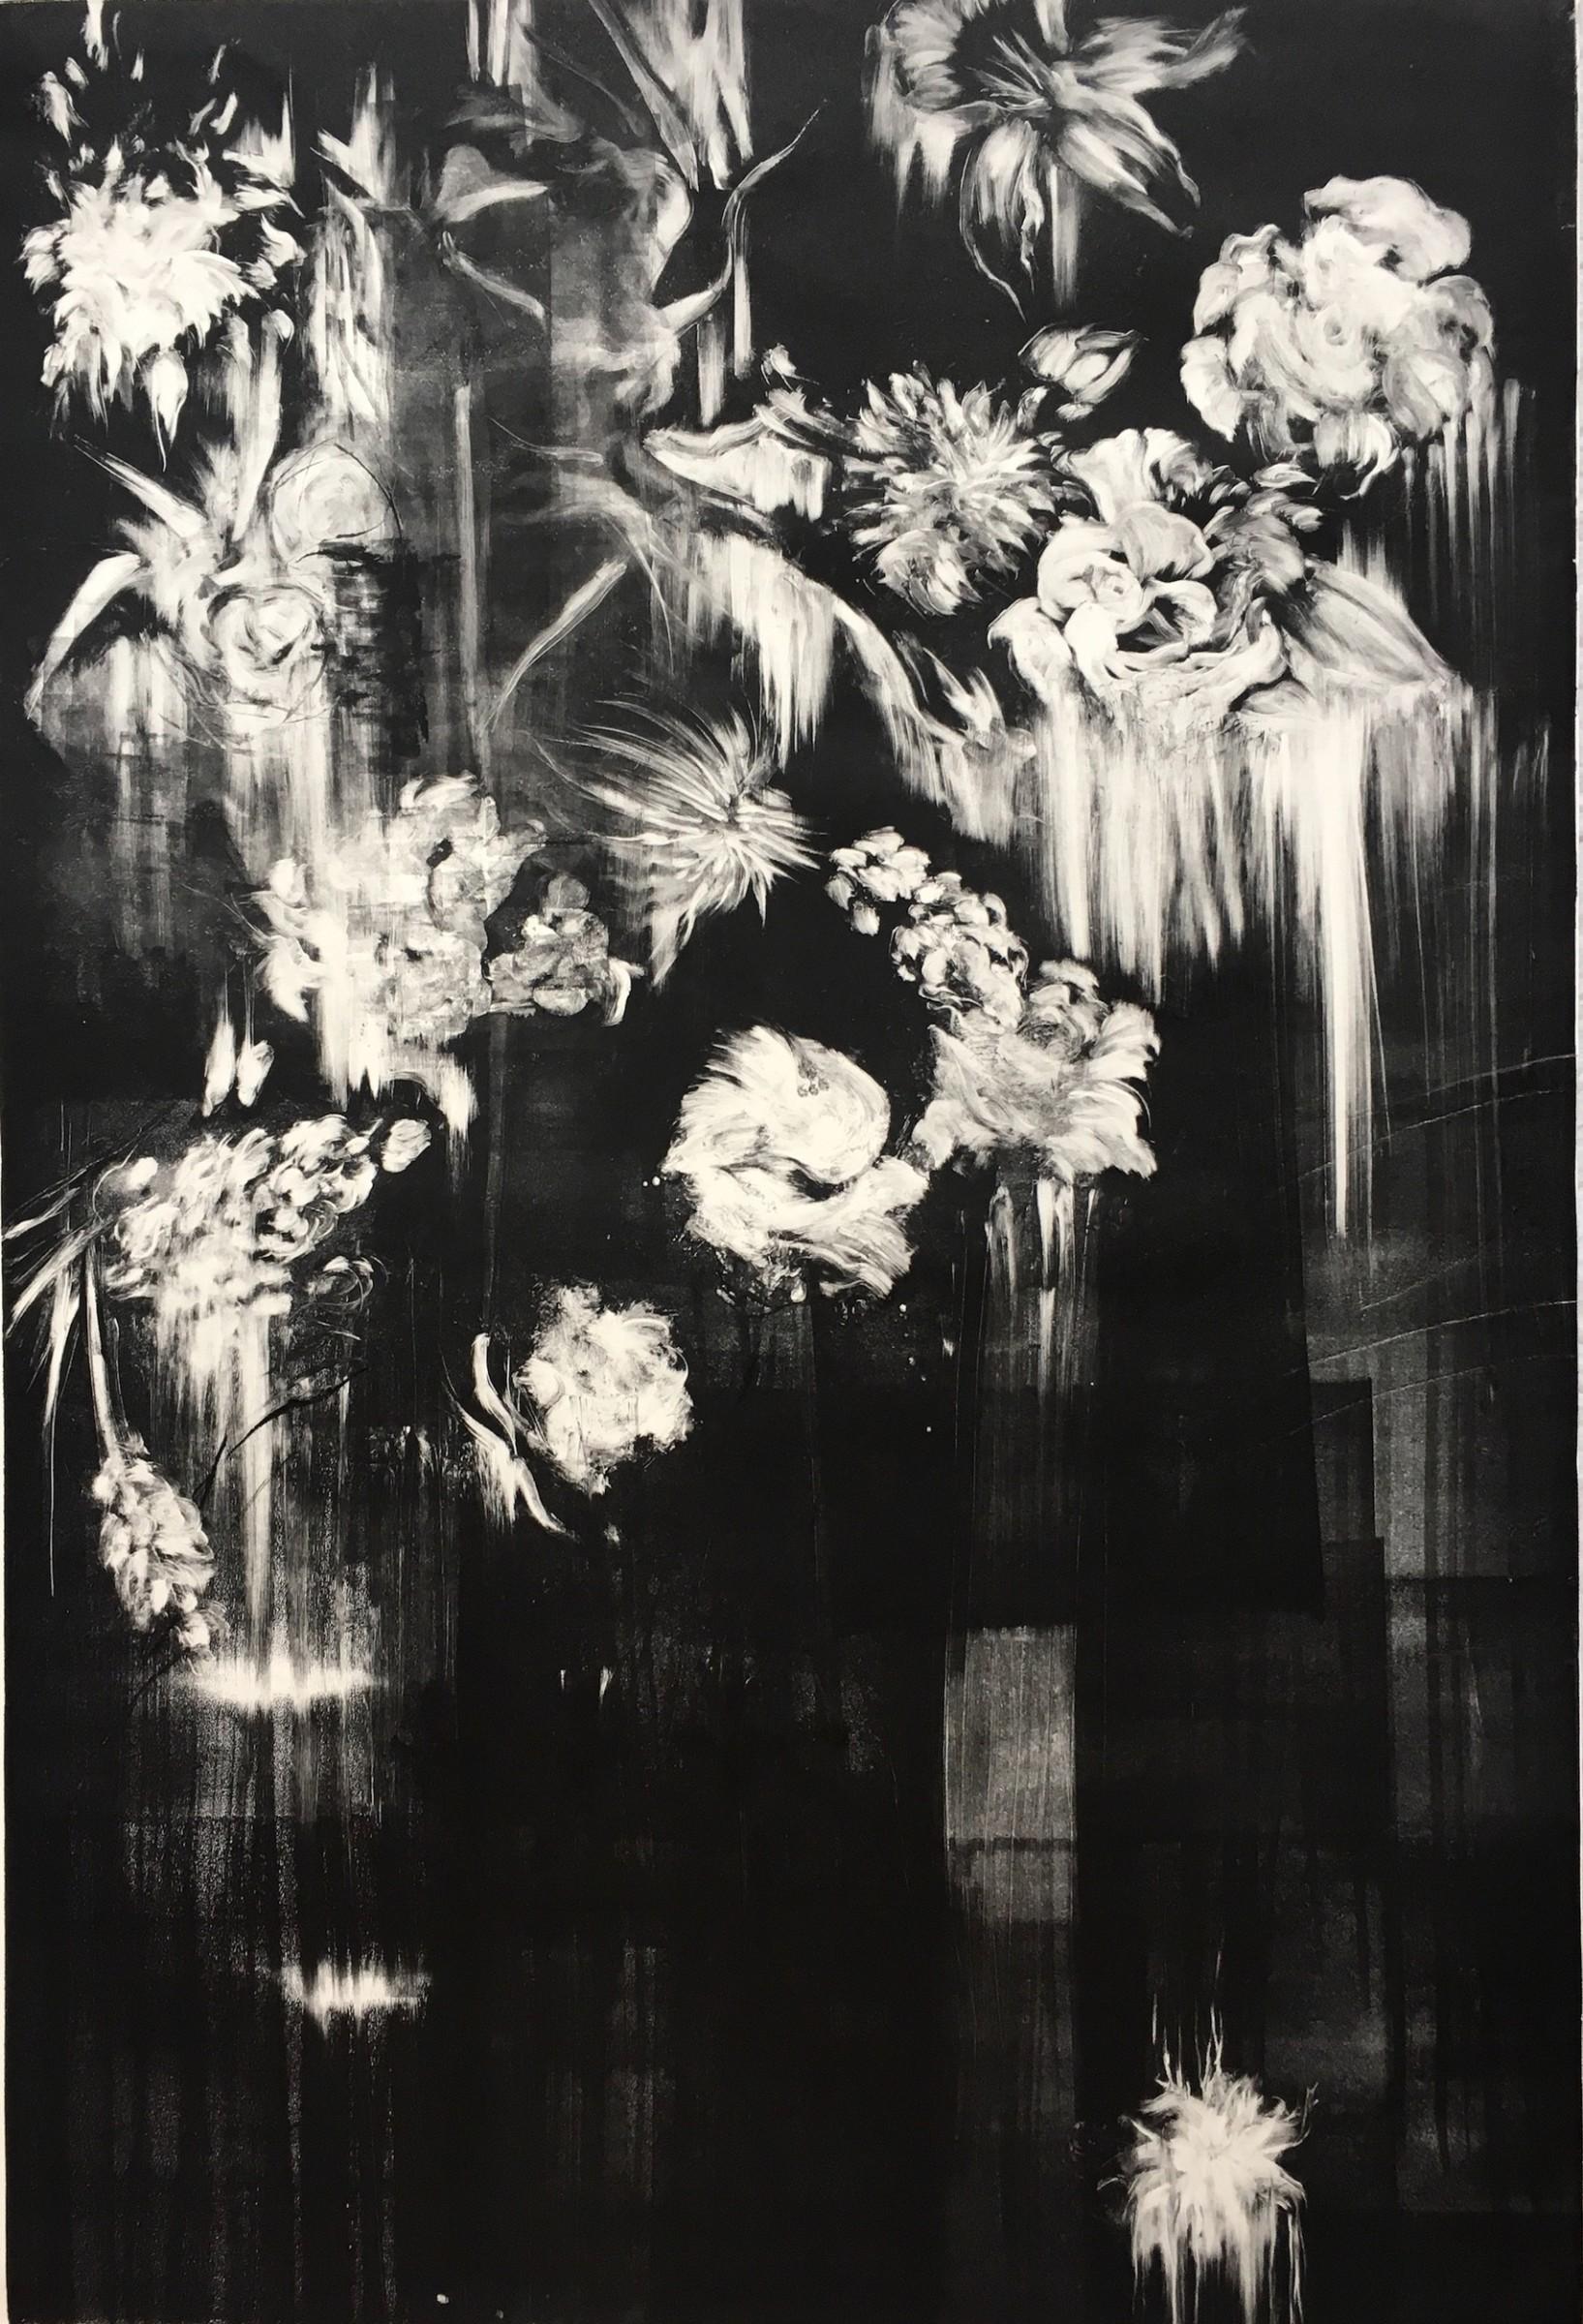 """<span class=""""link fancybox-details-link""""><a href=""""/exhibitions/17/works/image_standalone651/"""">View Detail Page</a></span><p><strong>Julia Colmenares</strong></p><p>Downpour</p><p>monoprint</p><p>110 x 162cm</p><p>£2500 framed</p>"""